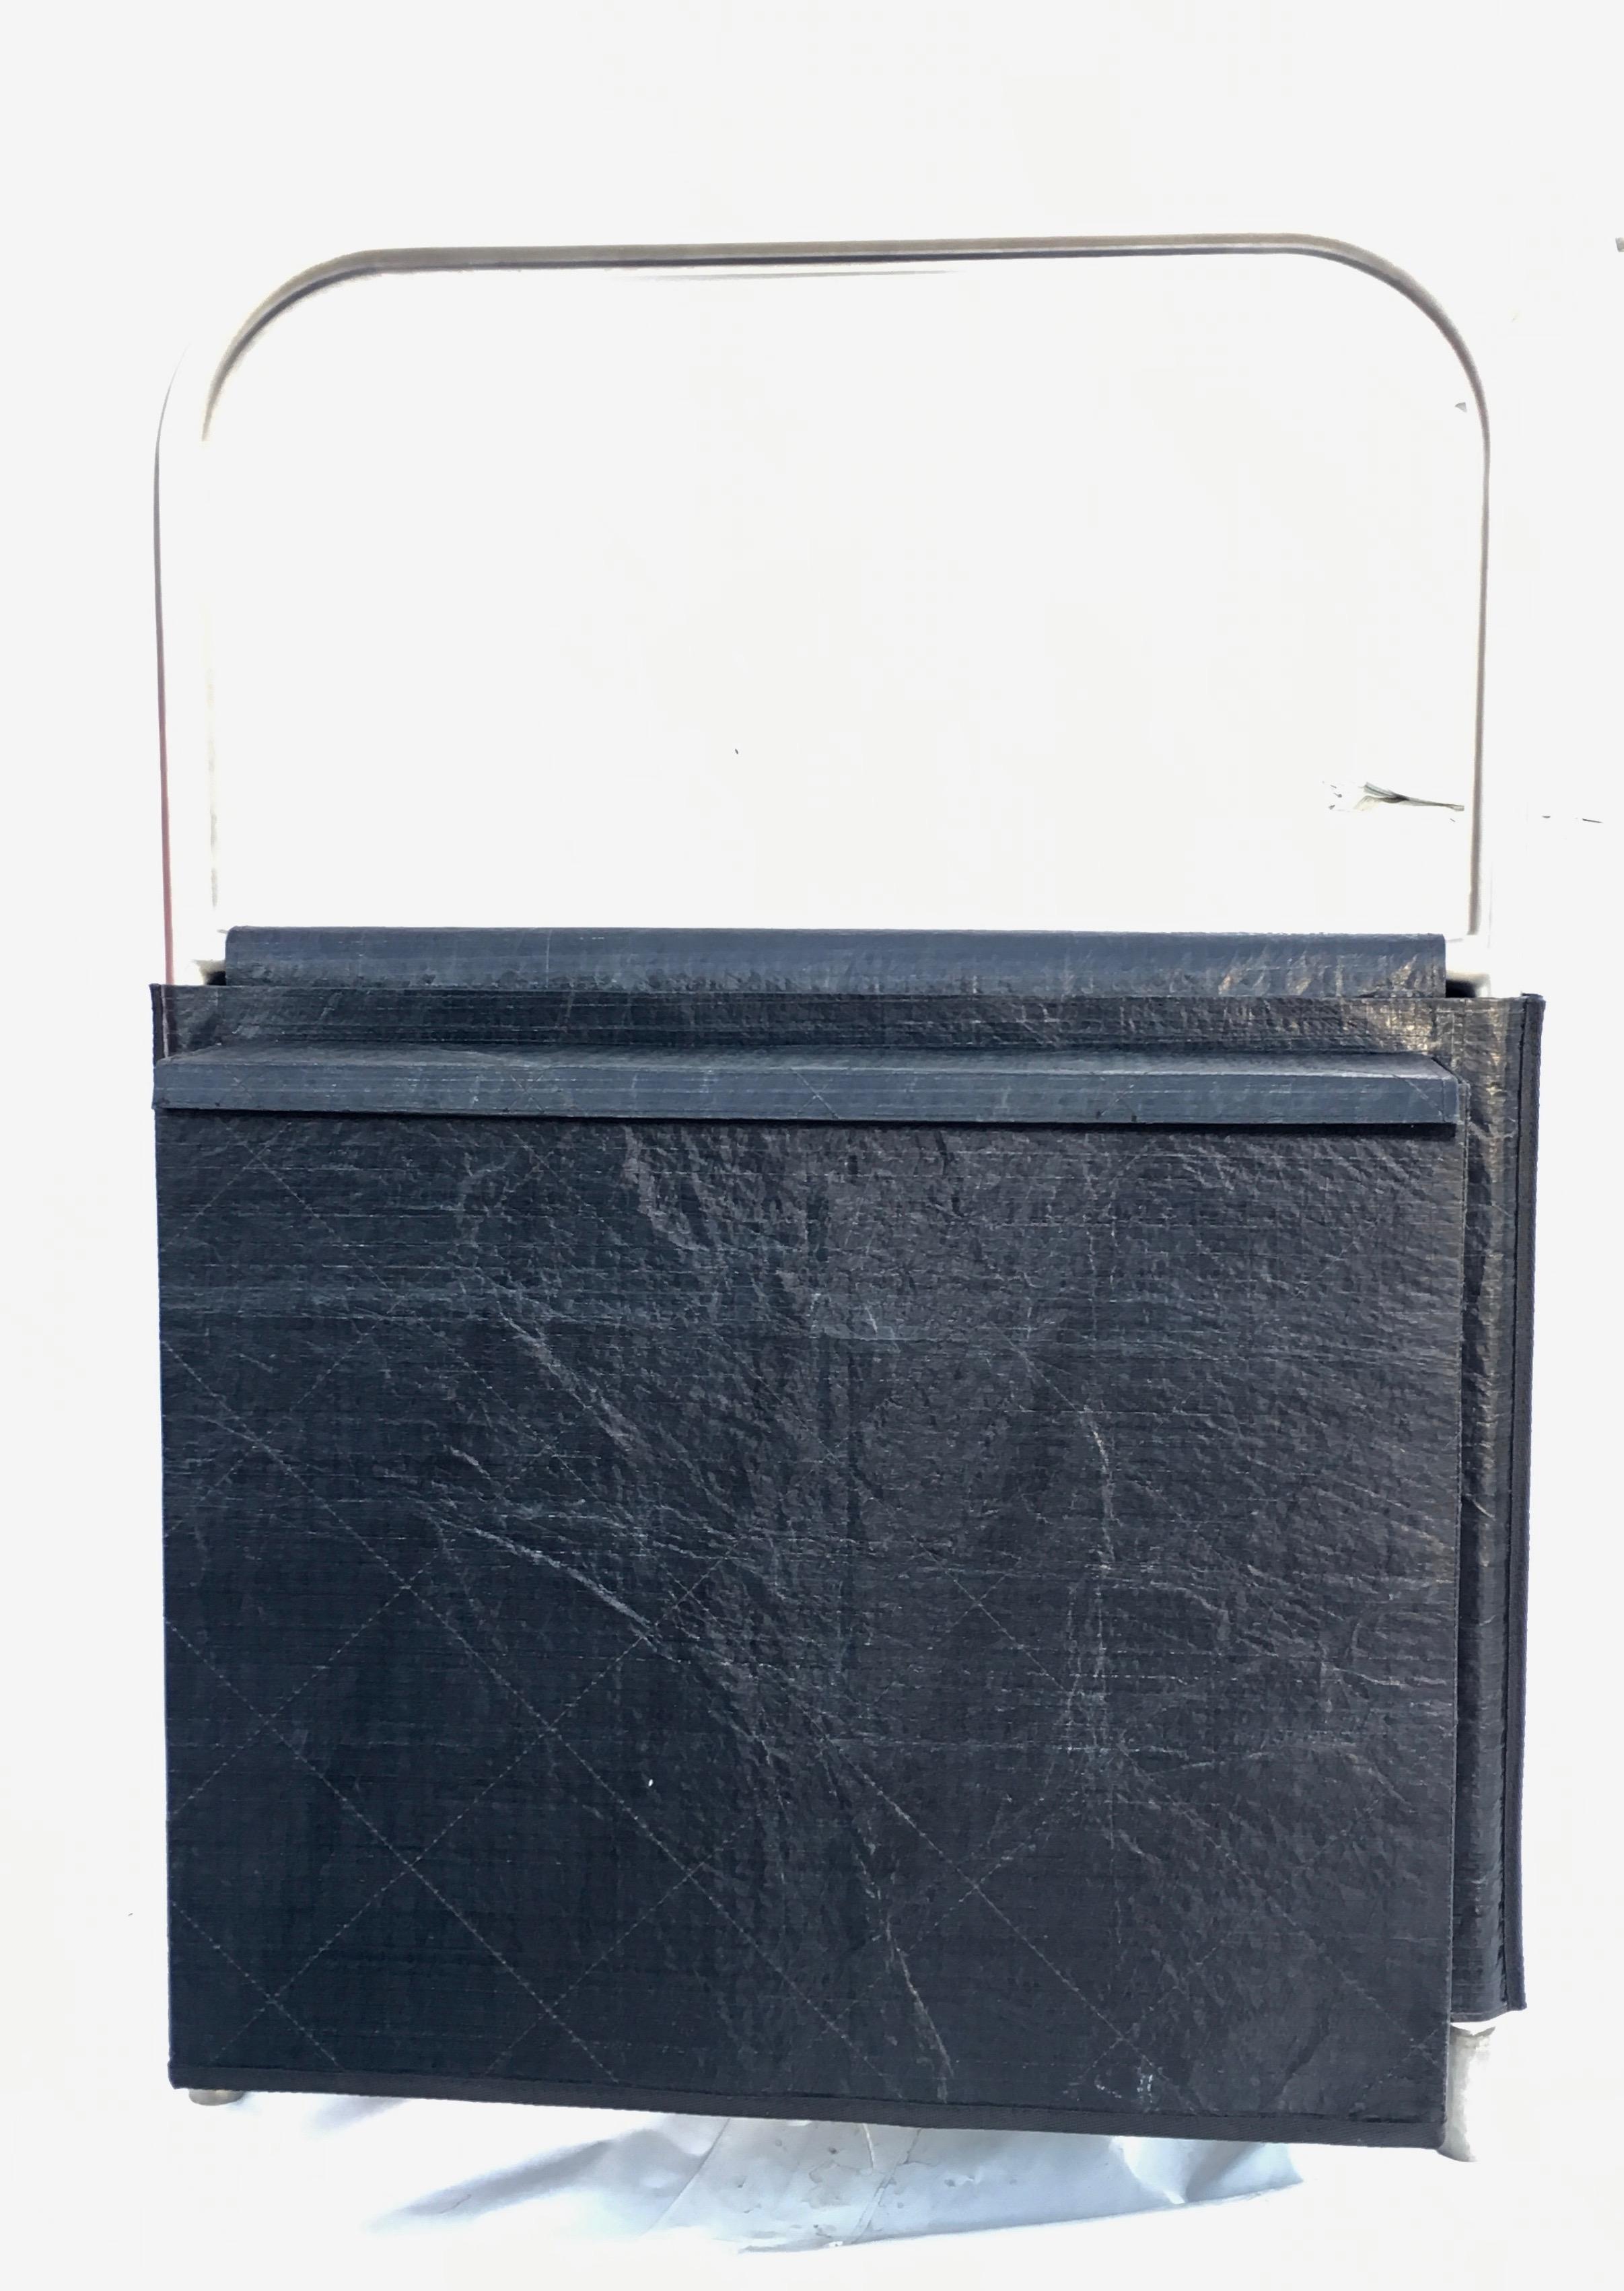 Wally Cento Galateia - Helm Frame Storage Bag